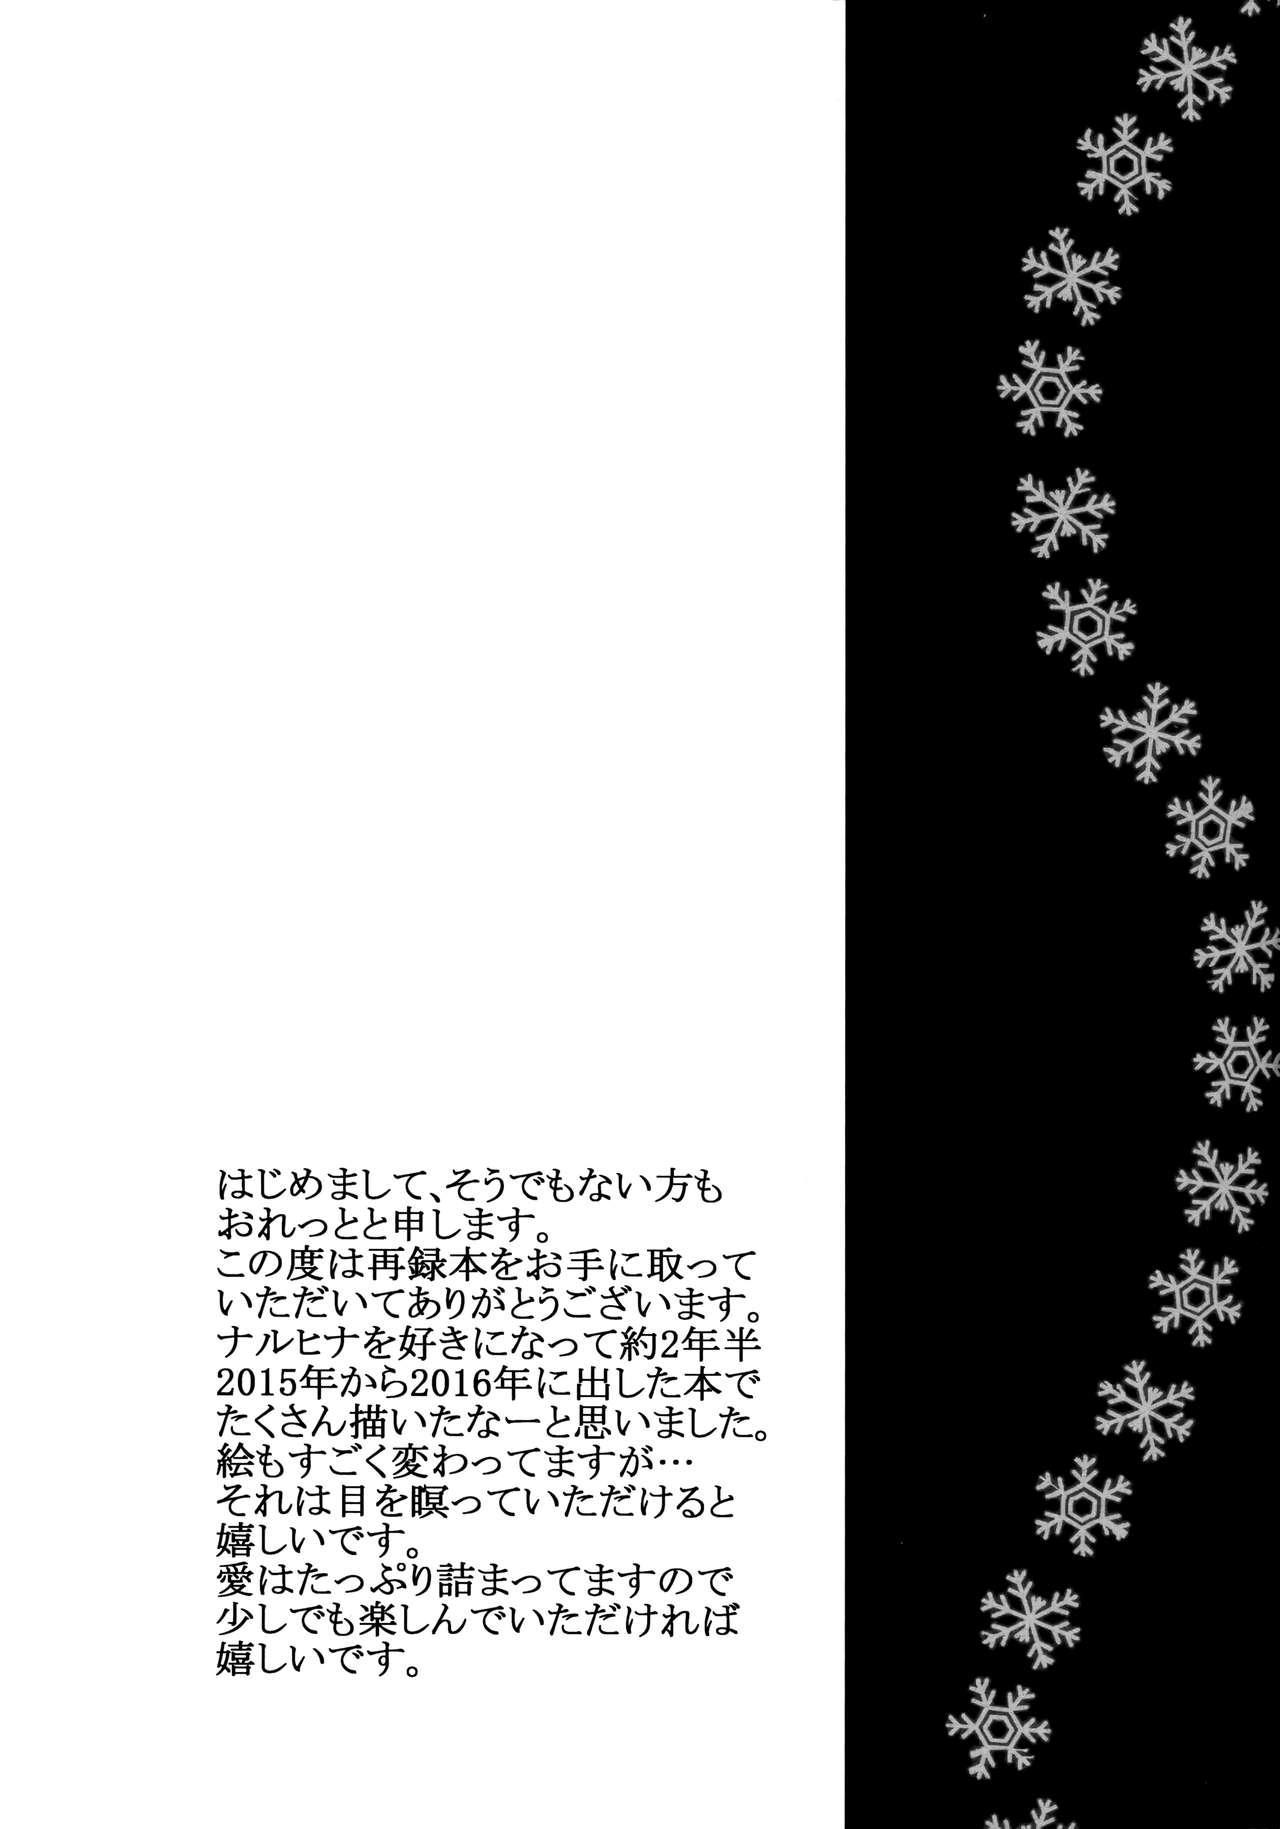 Fuyuiro Memories - Winter Color Memories 4